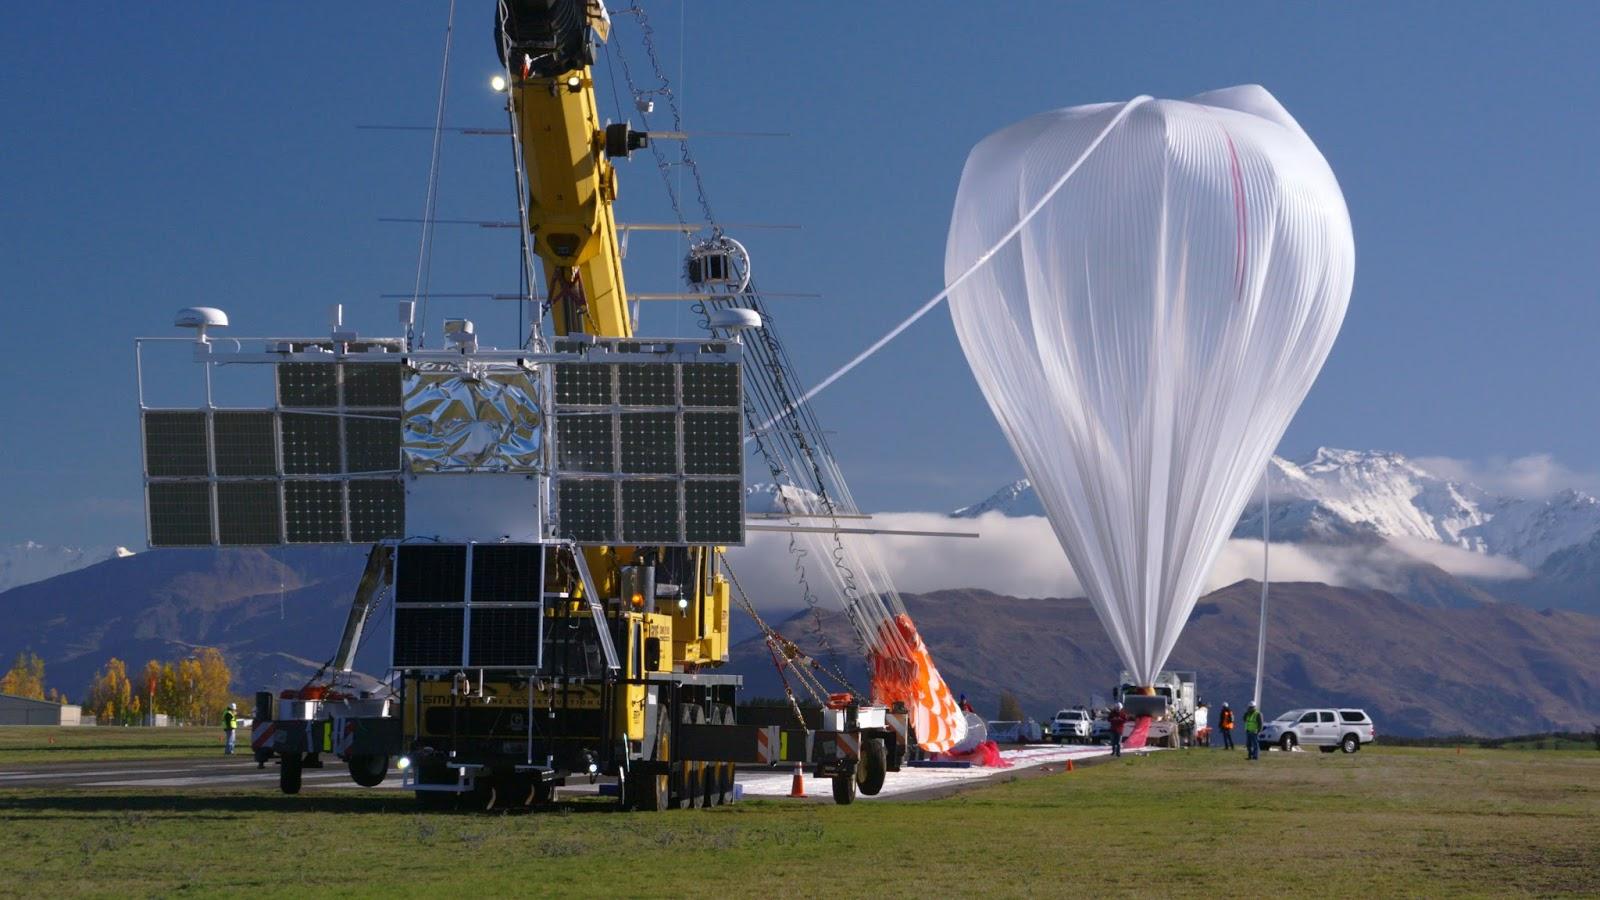 Projeto com balões da NASA semelhantes a satélites